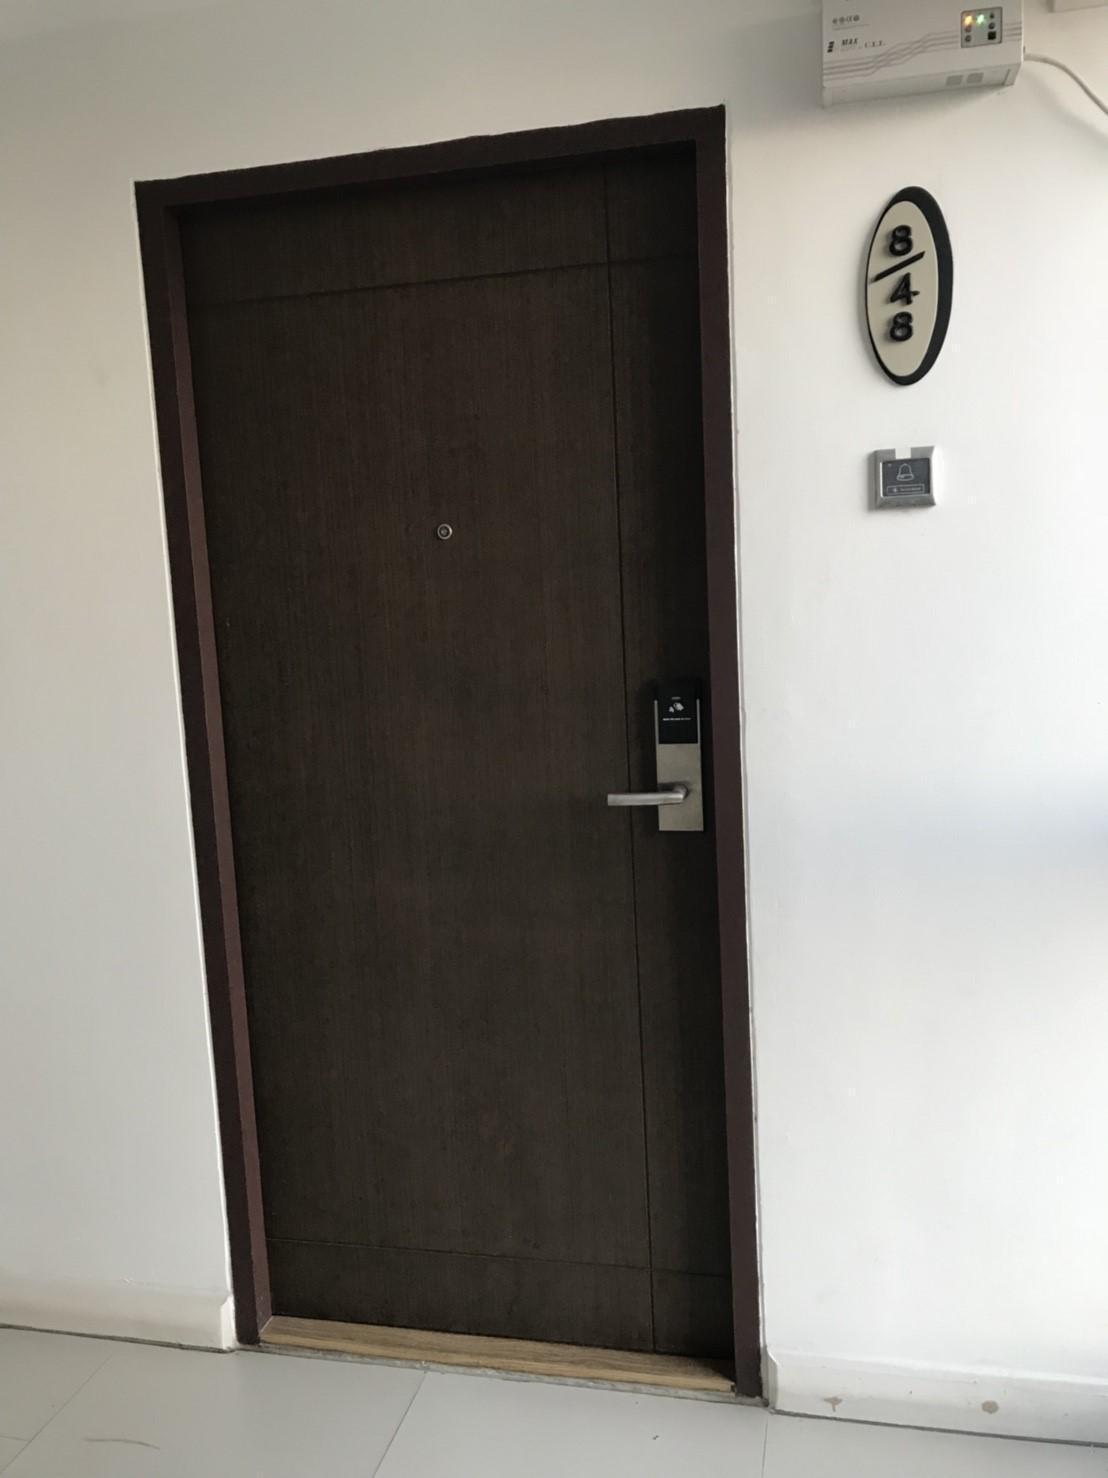 Homy Condo@Sukhumvit, full facility/near BTS E11 Homy Condo@Sukhumvit, full facility/near BTS E11